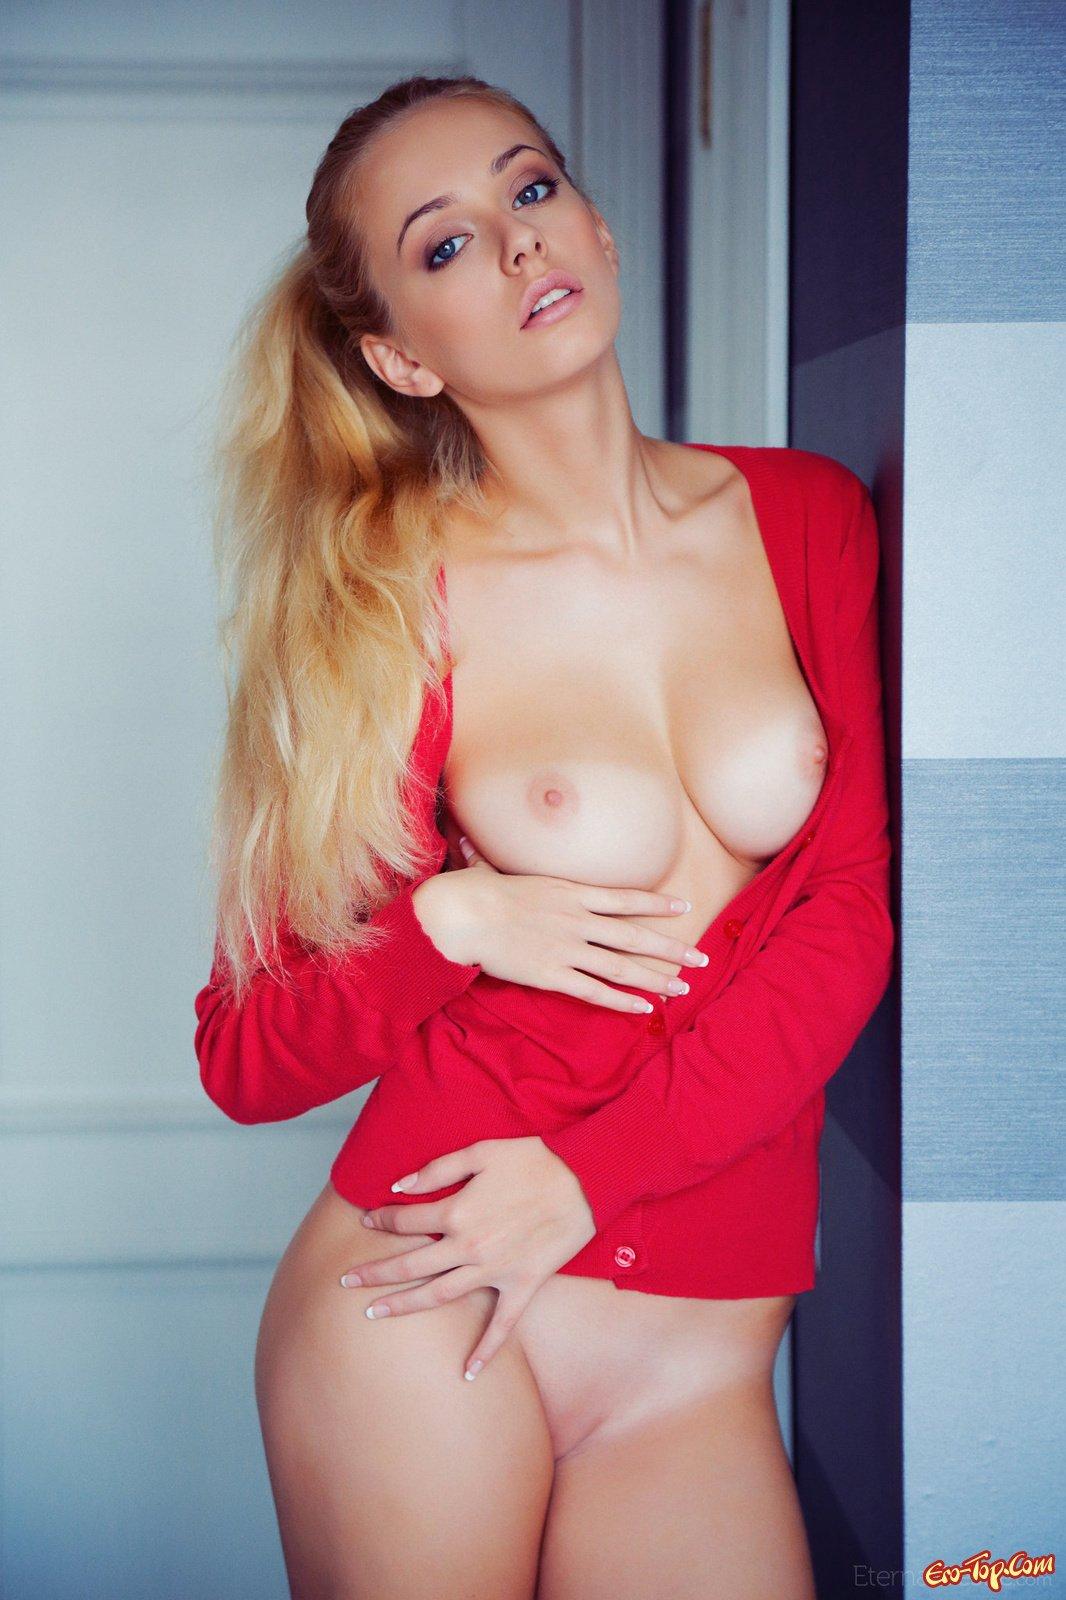 Модель со свелыми волосами в красной кофточке